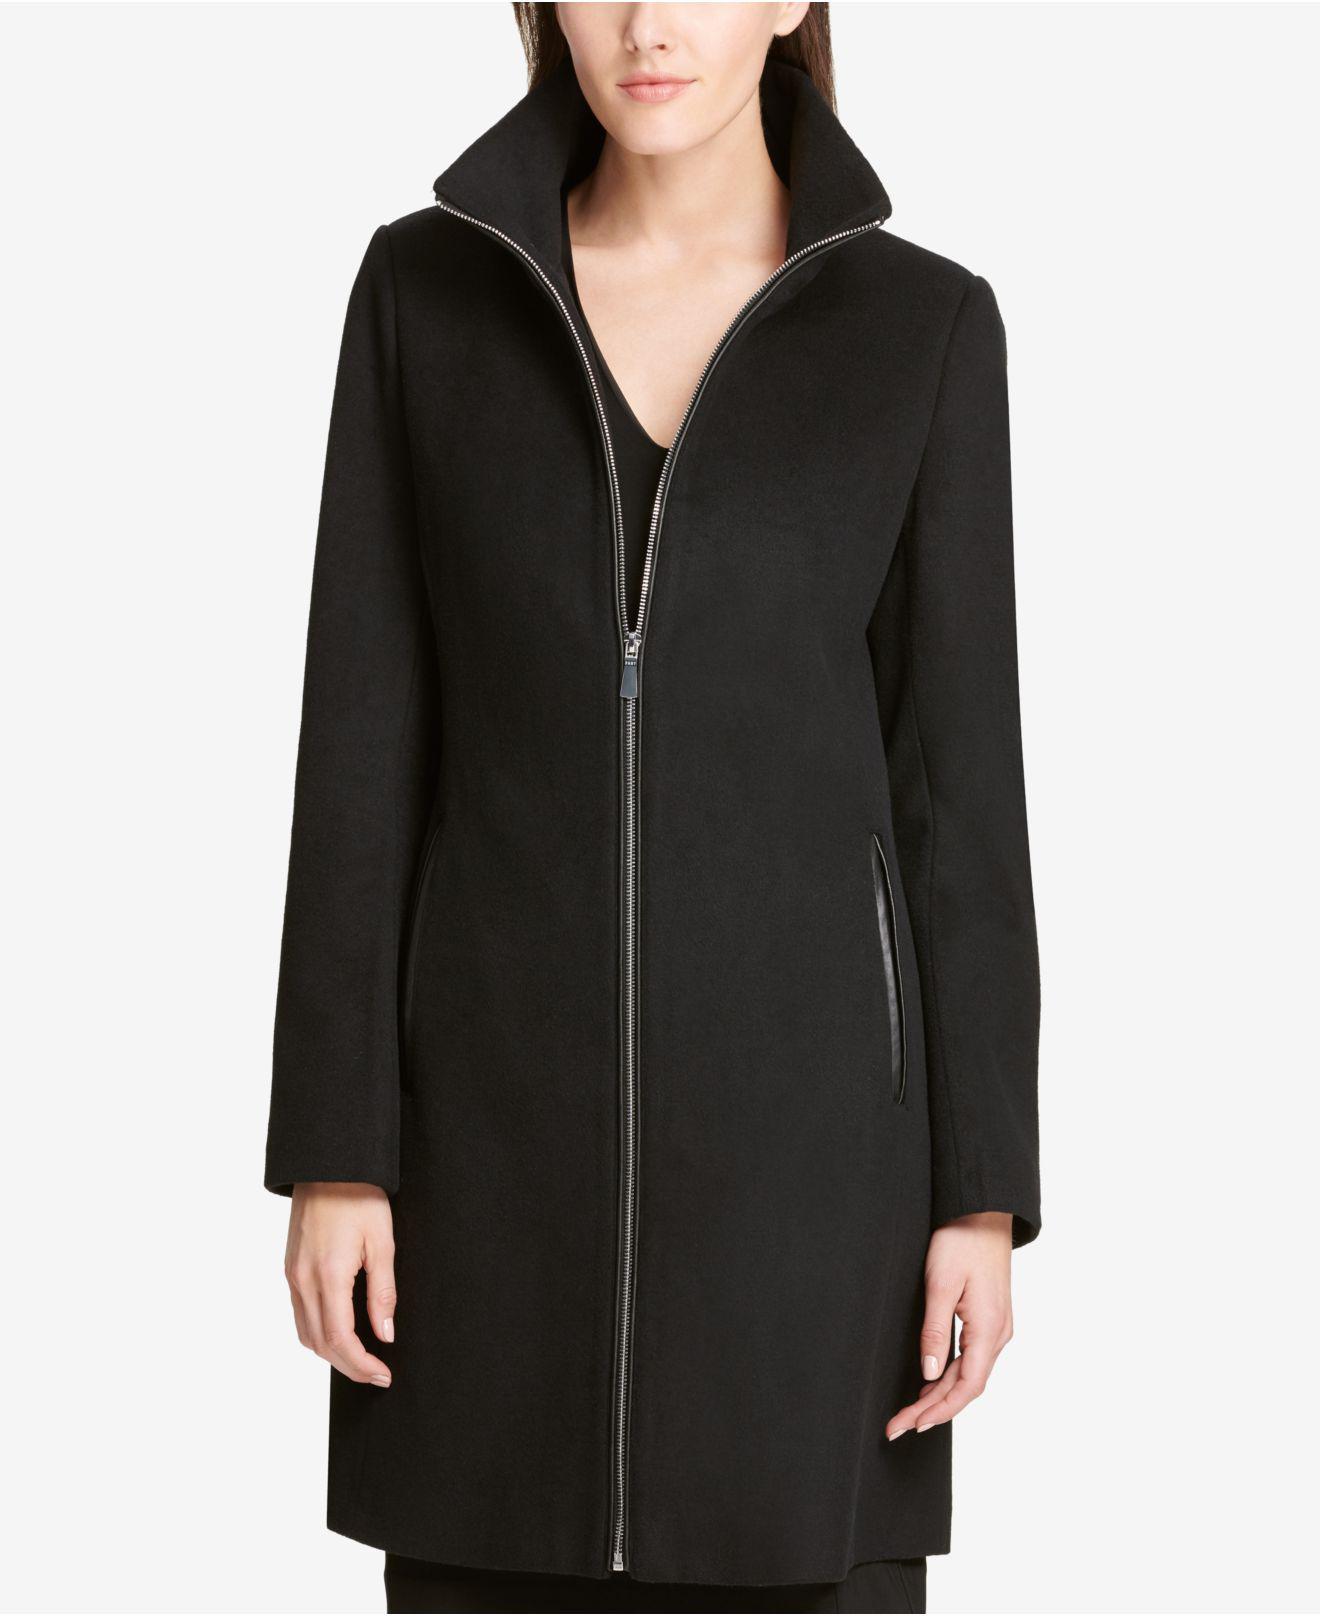 cc46c88c2f8a7 Lyst - DKNY Stand-collar Walker Coat